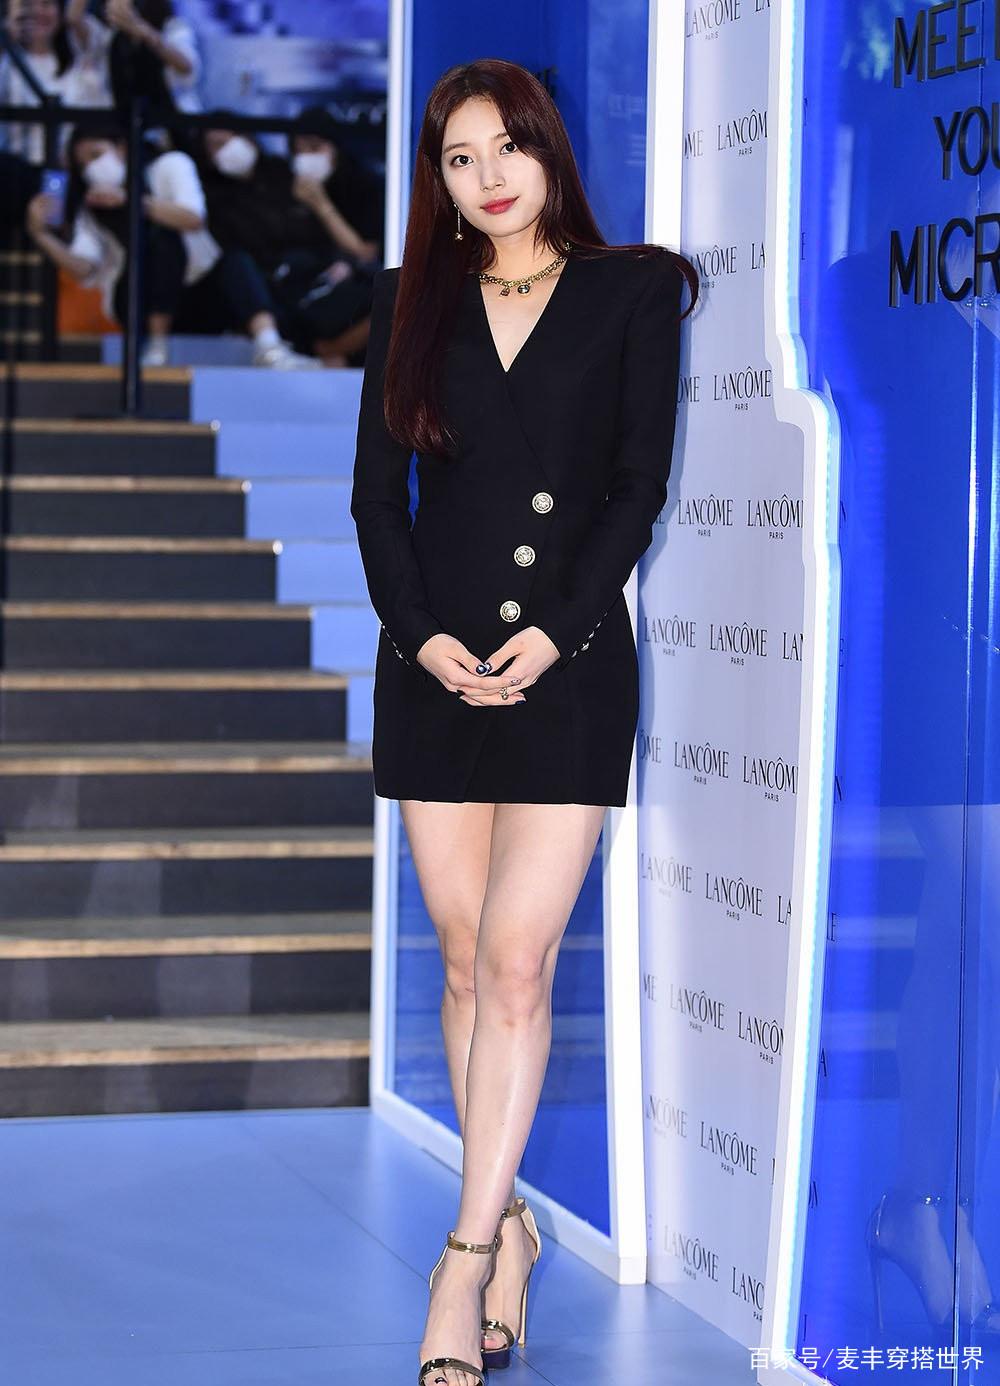 """她在韩国被称为""""国民初恋"""",今穿V领紧身配高跟鞋,性感极了"""